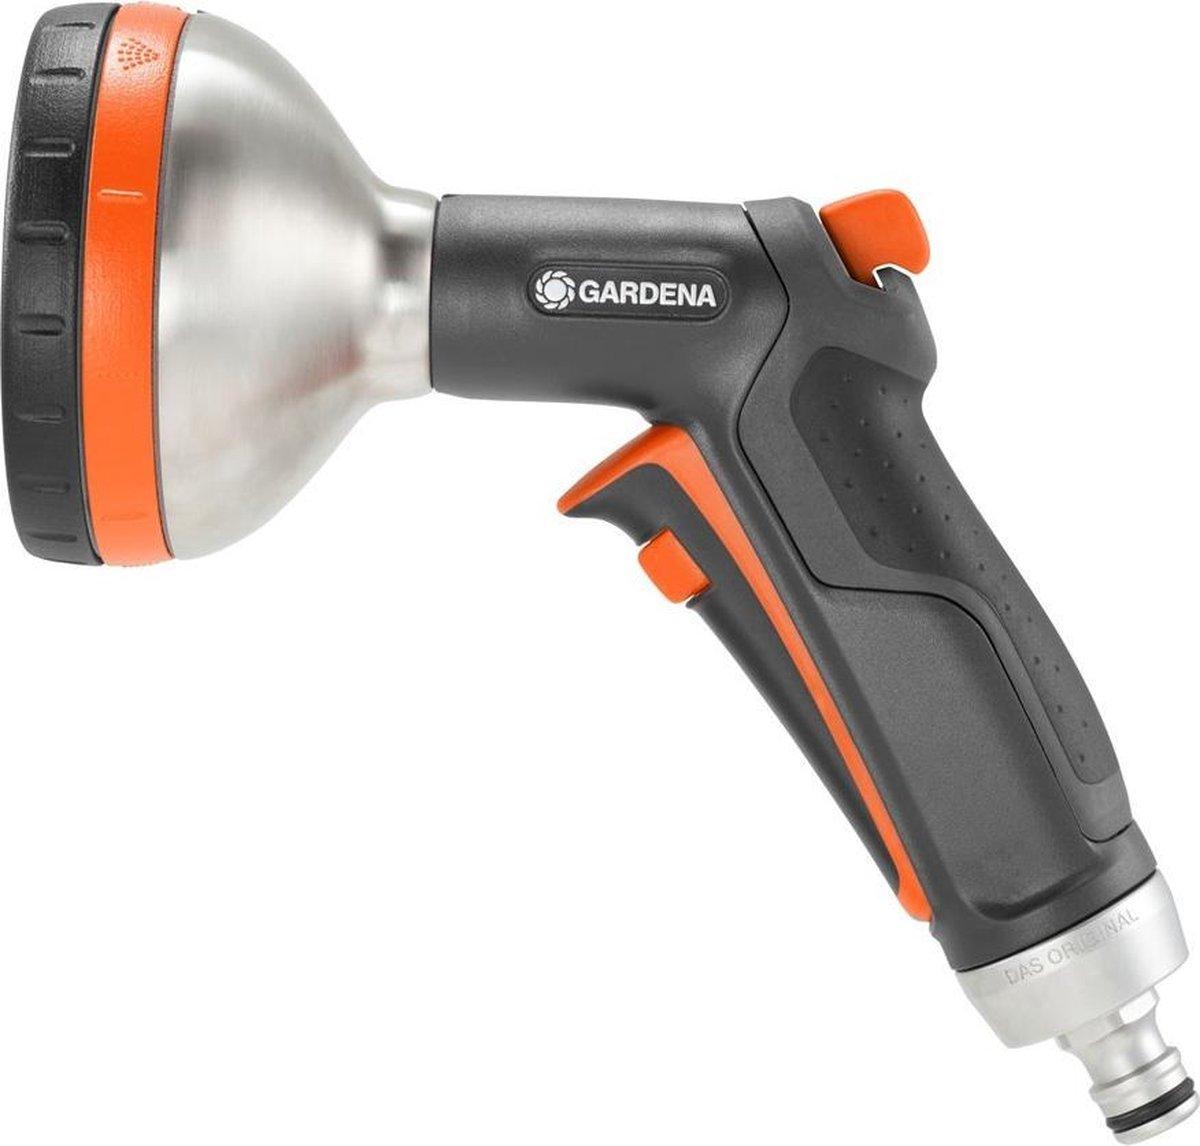 GARDENA Premium Multifunctionele Broeskop - Exclusief Verlengsteel